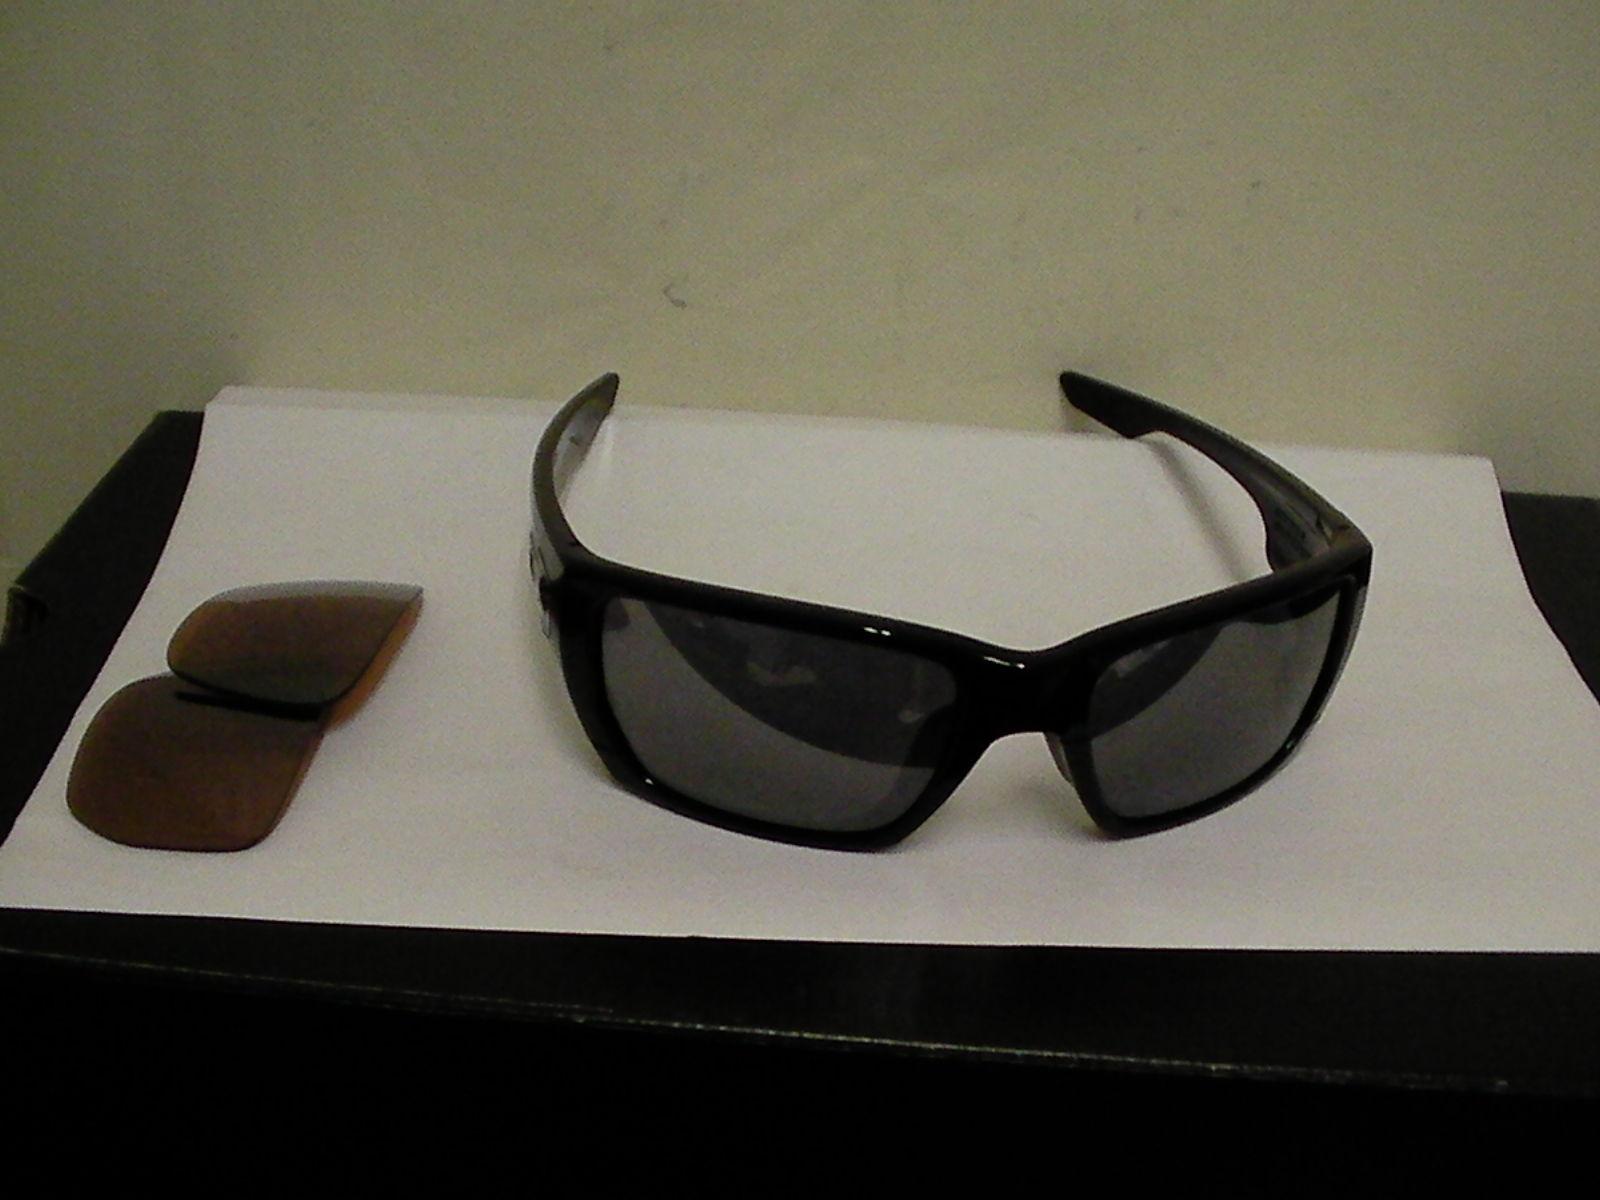 Oakley sunglasses Style Switch Polished Black VR28 & Black Iridium lenses